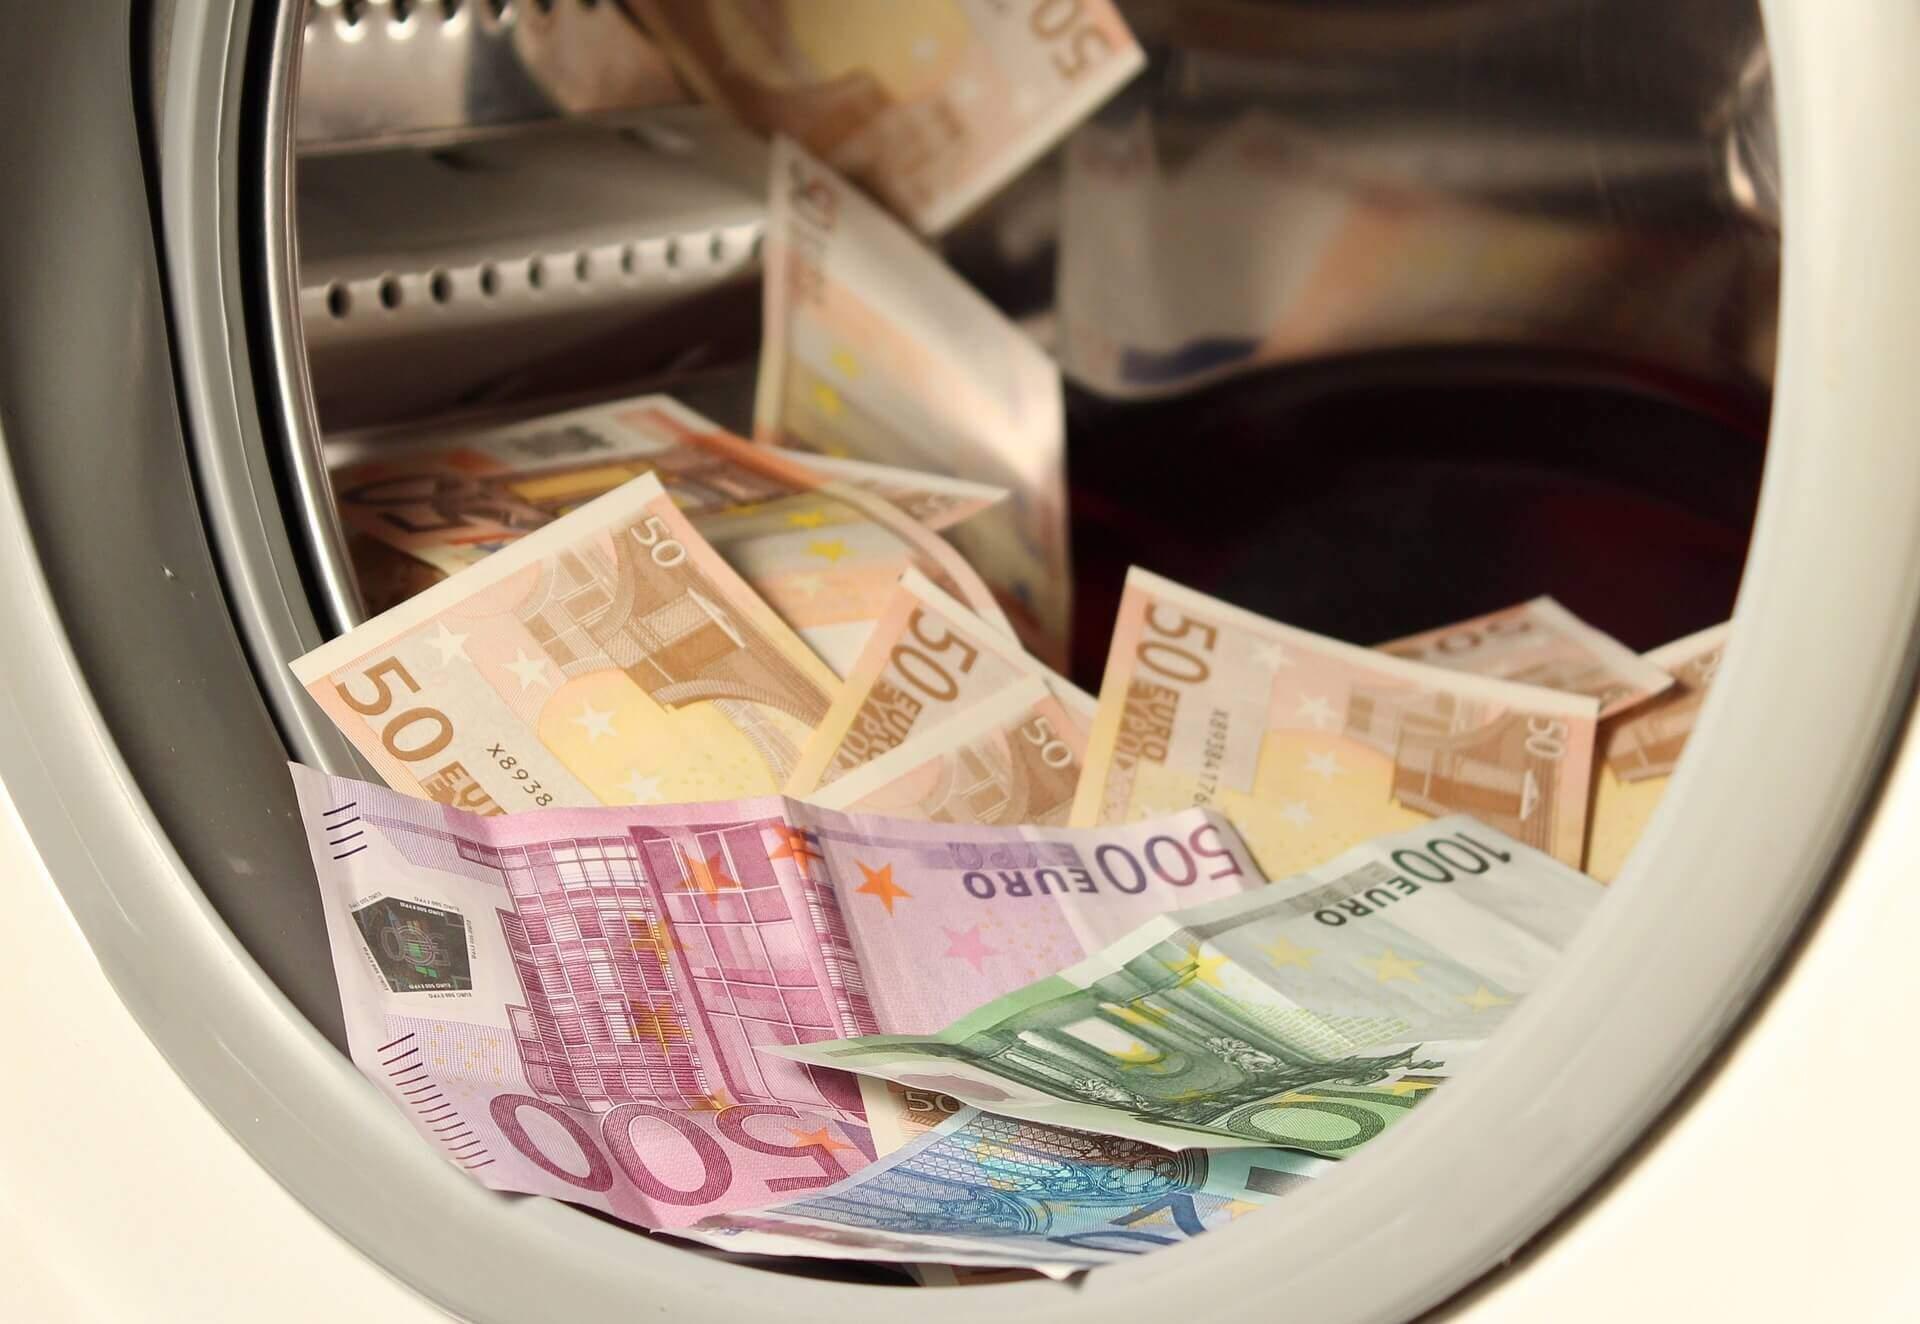 Imagem ilustrativa de lavagem de dinheiro, um dos alvos de investigação do COAF